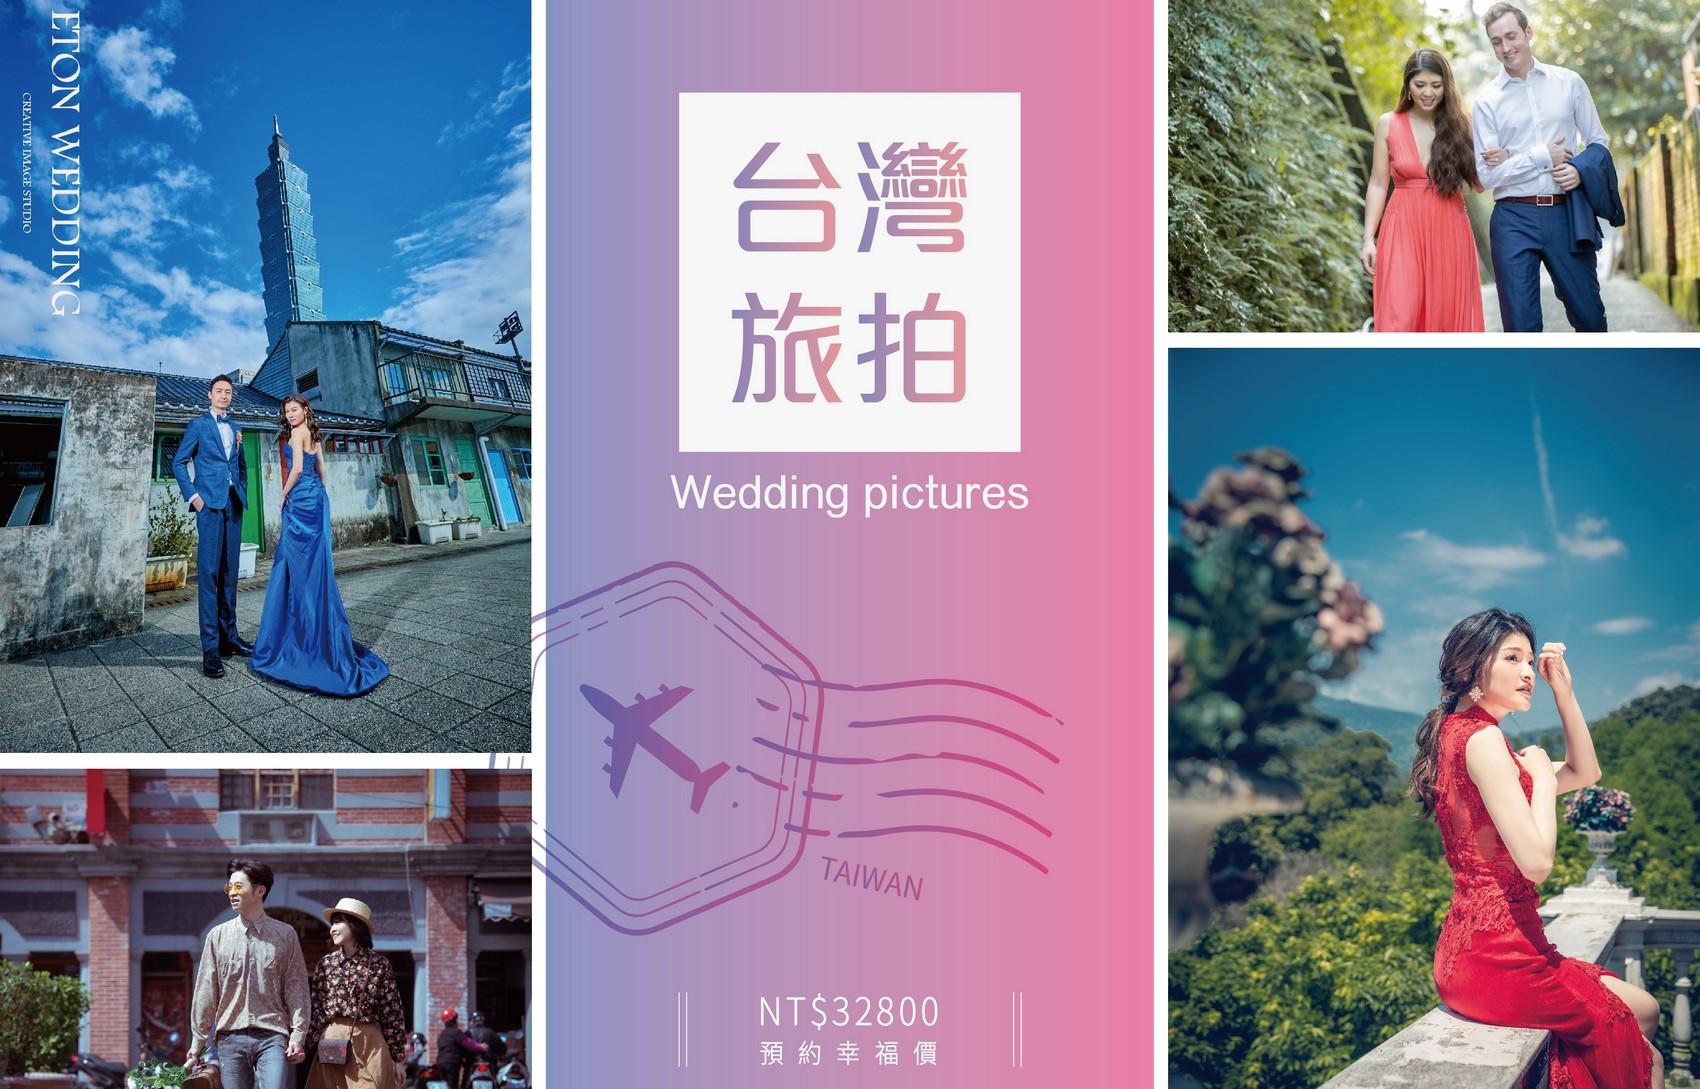 自助婚紗,婚紗拍攝,婚紗禮服出租,自助禮服,自助婚紗攝影, 自助婚紗價格,台灣拍婚紗,台灣婚紗照,台灣 婚紗攝影,台灣 自助婚紗